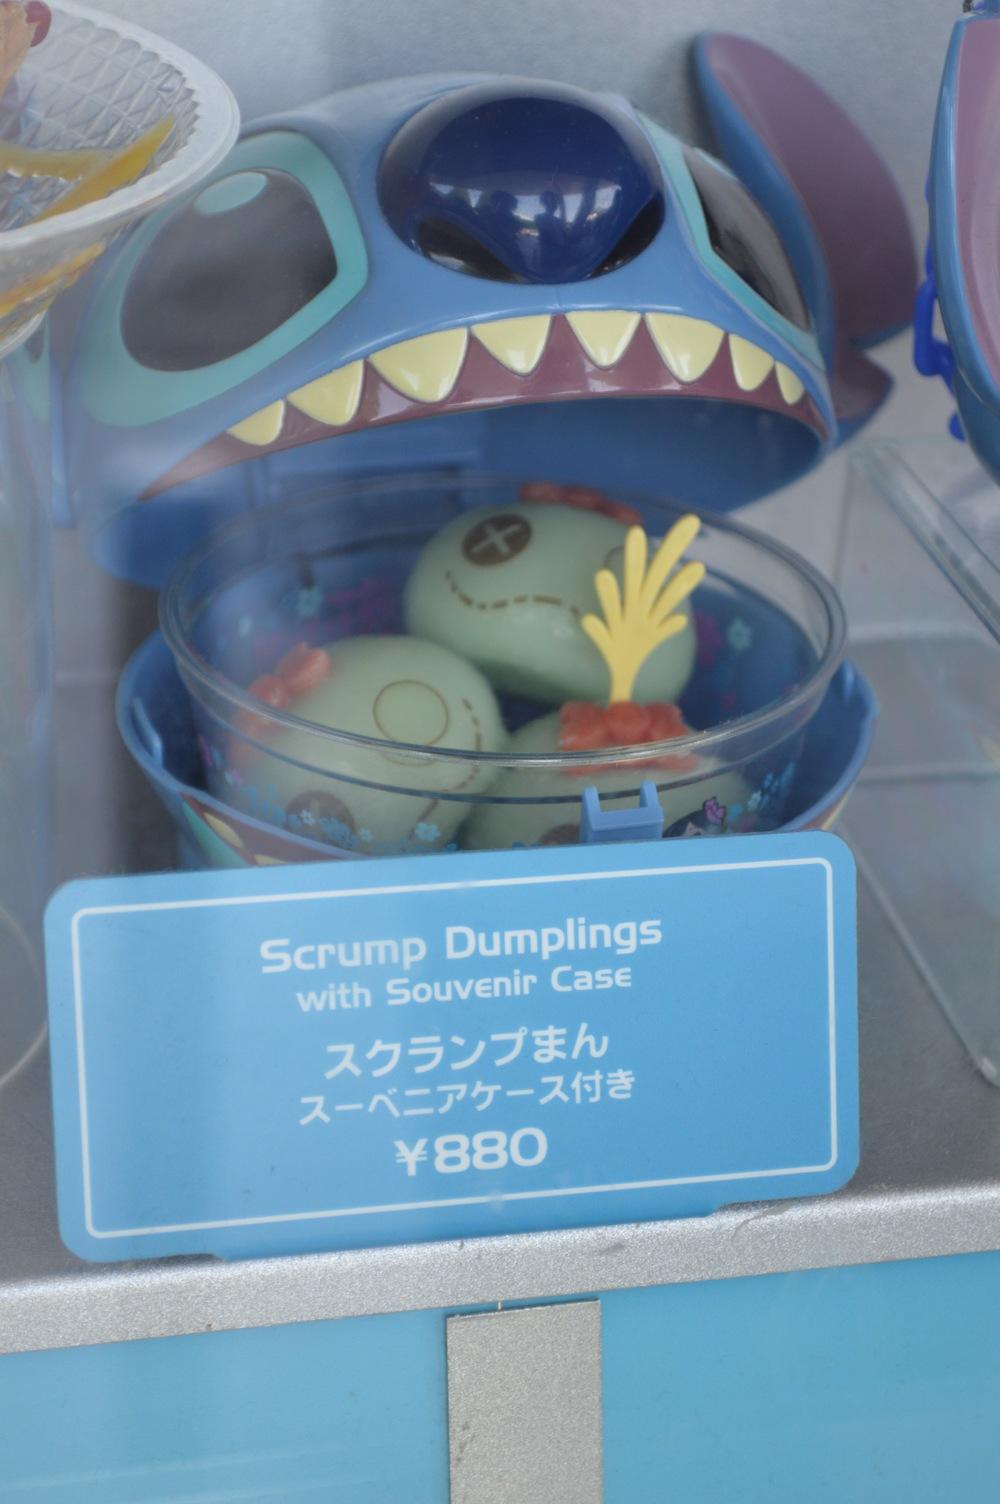 Scrump Dumplings in Stitch Case